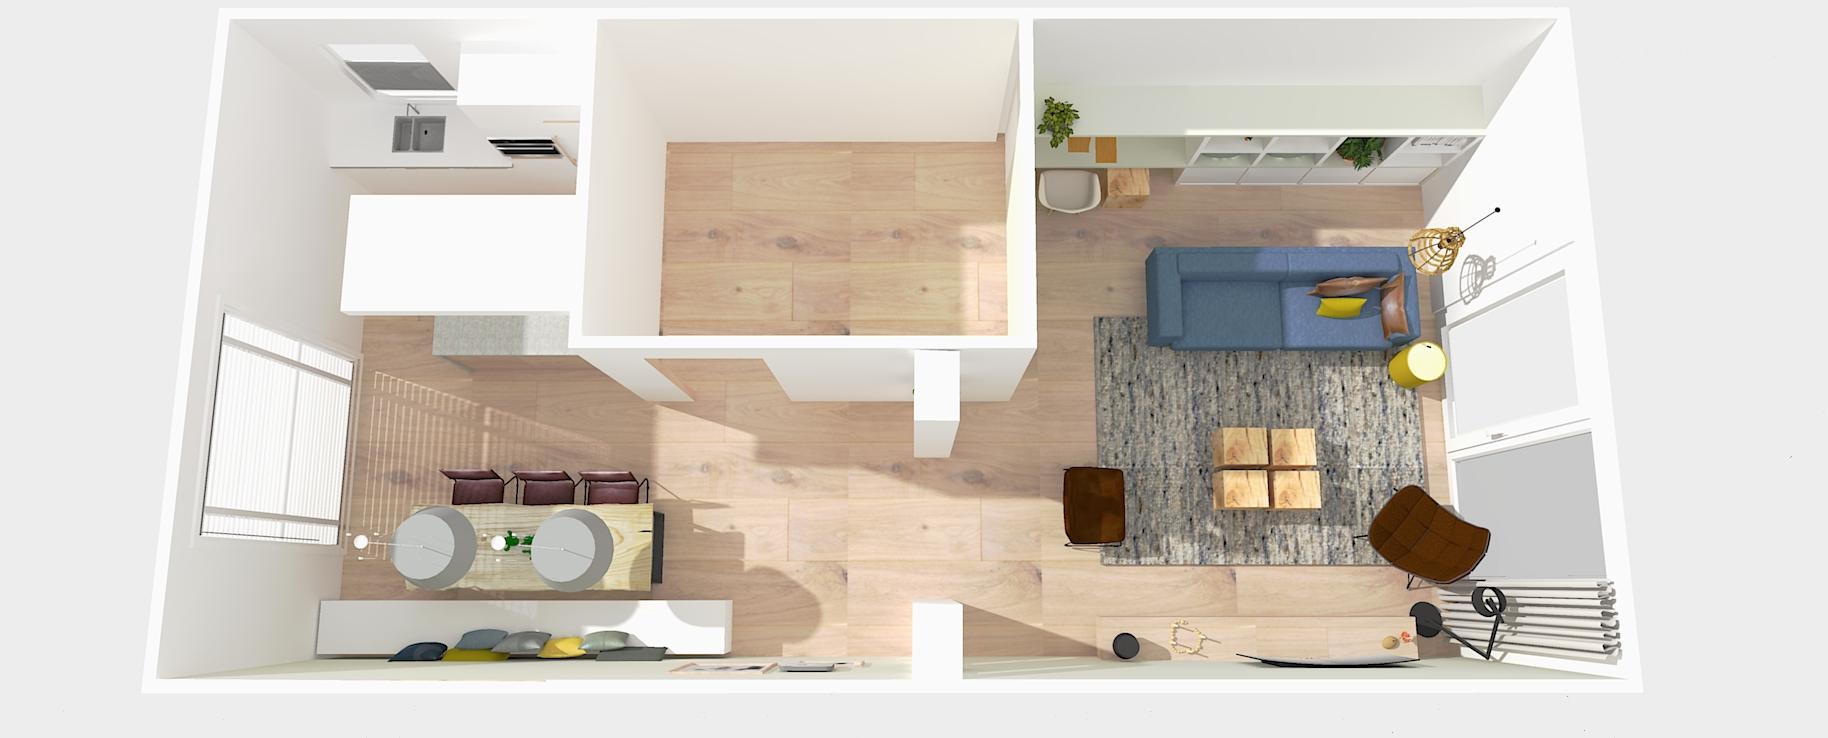 Woonkamer nieuwbouwwoning drachten leef interieuradvies for 3d programma interieur